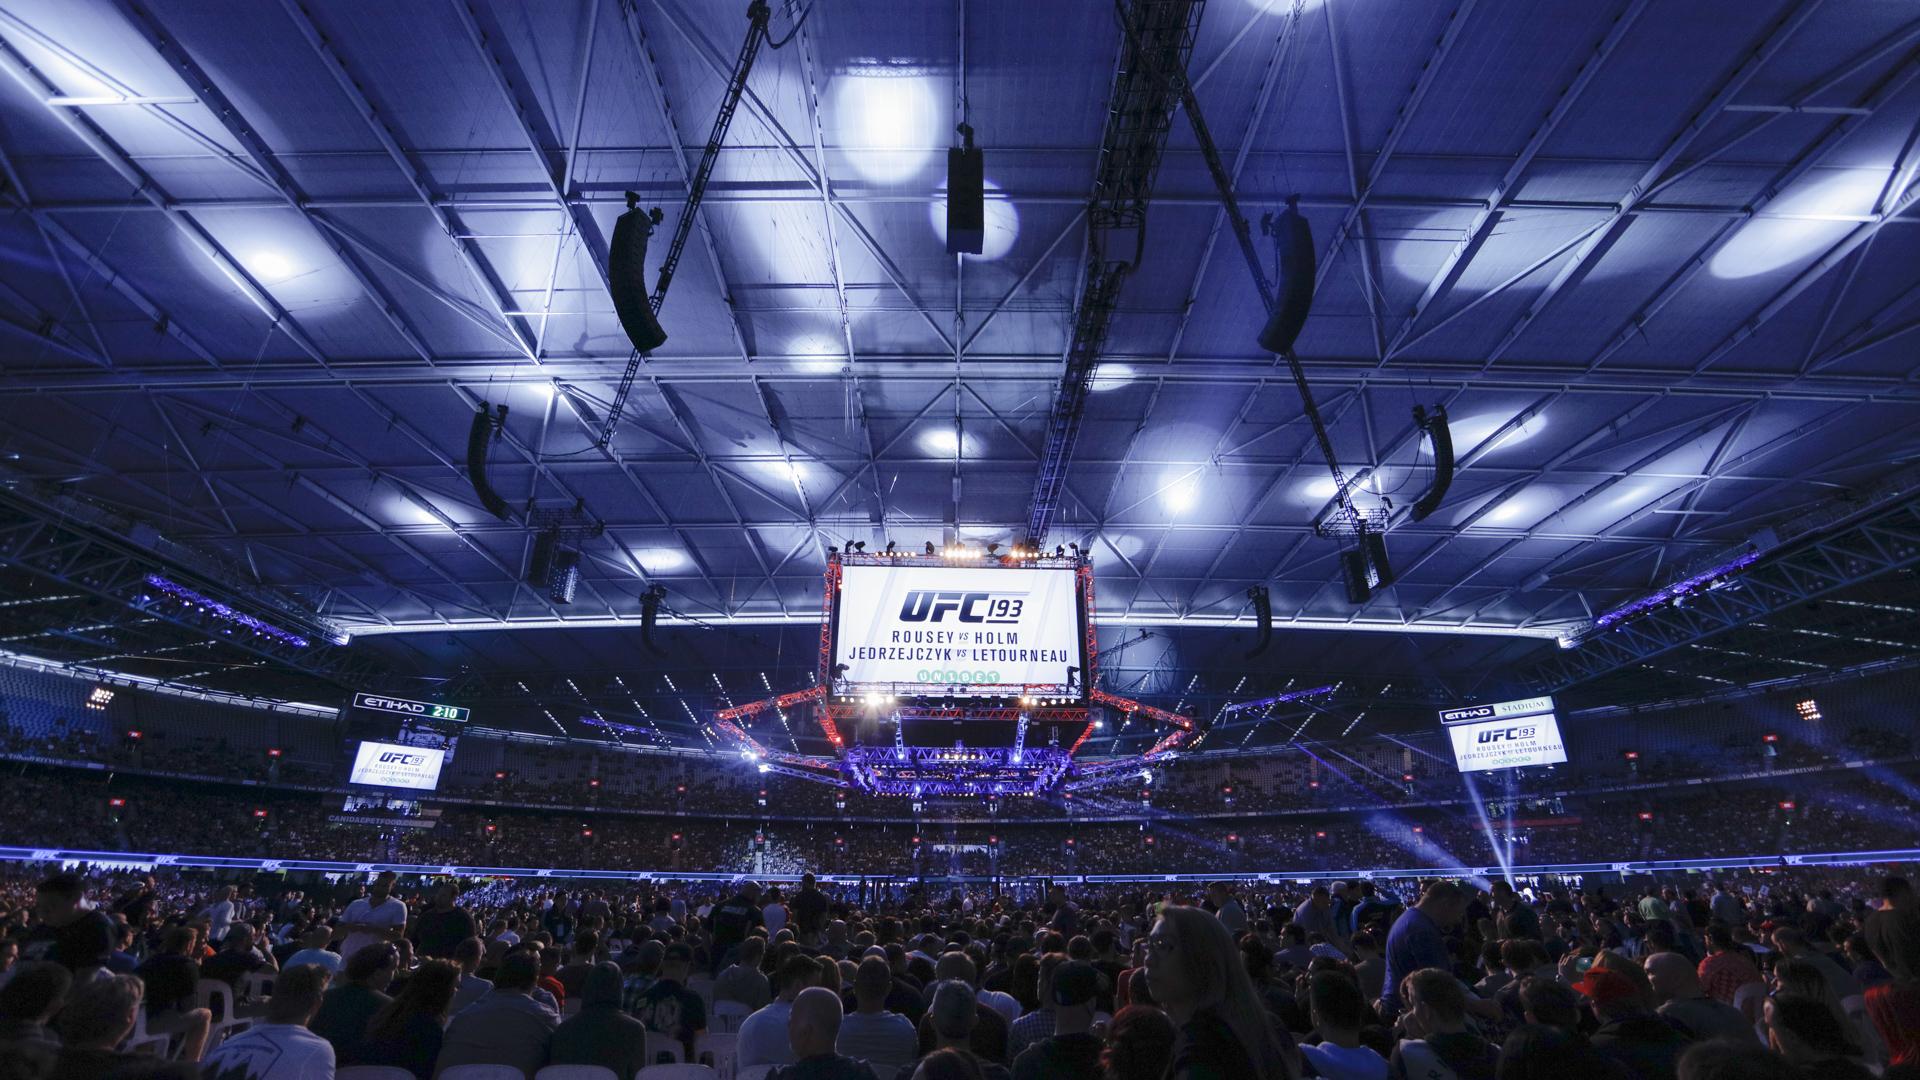 Etihad Stadium at UFC 193